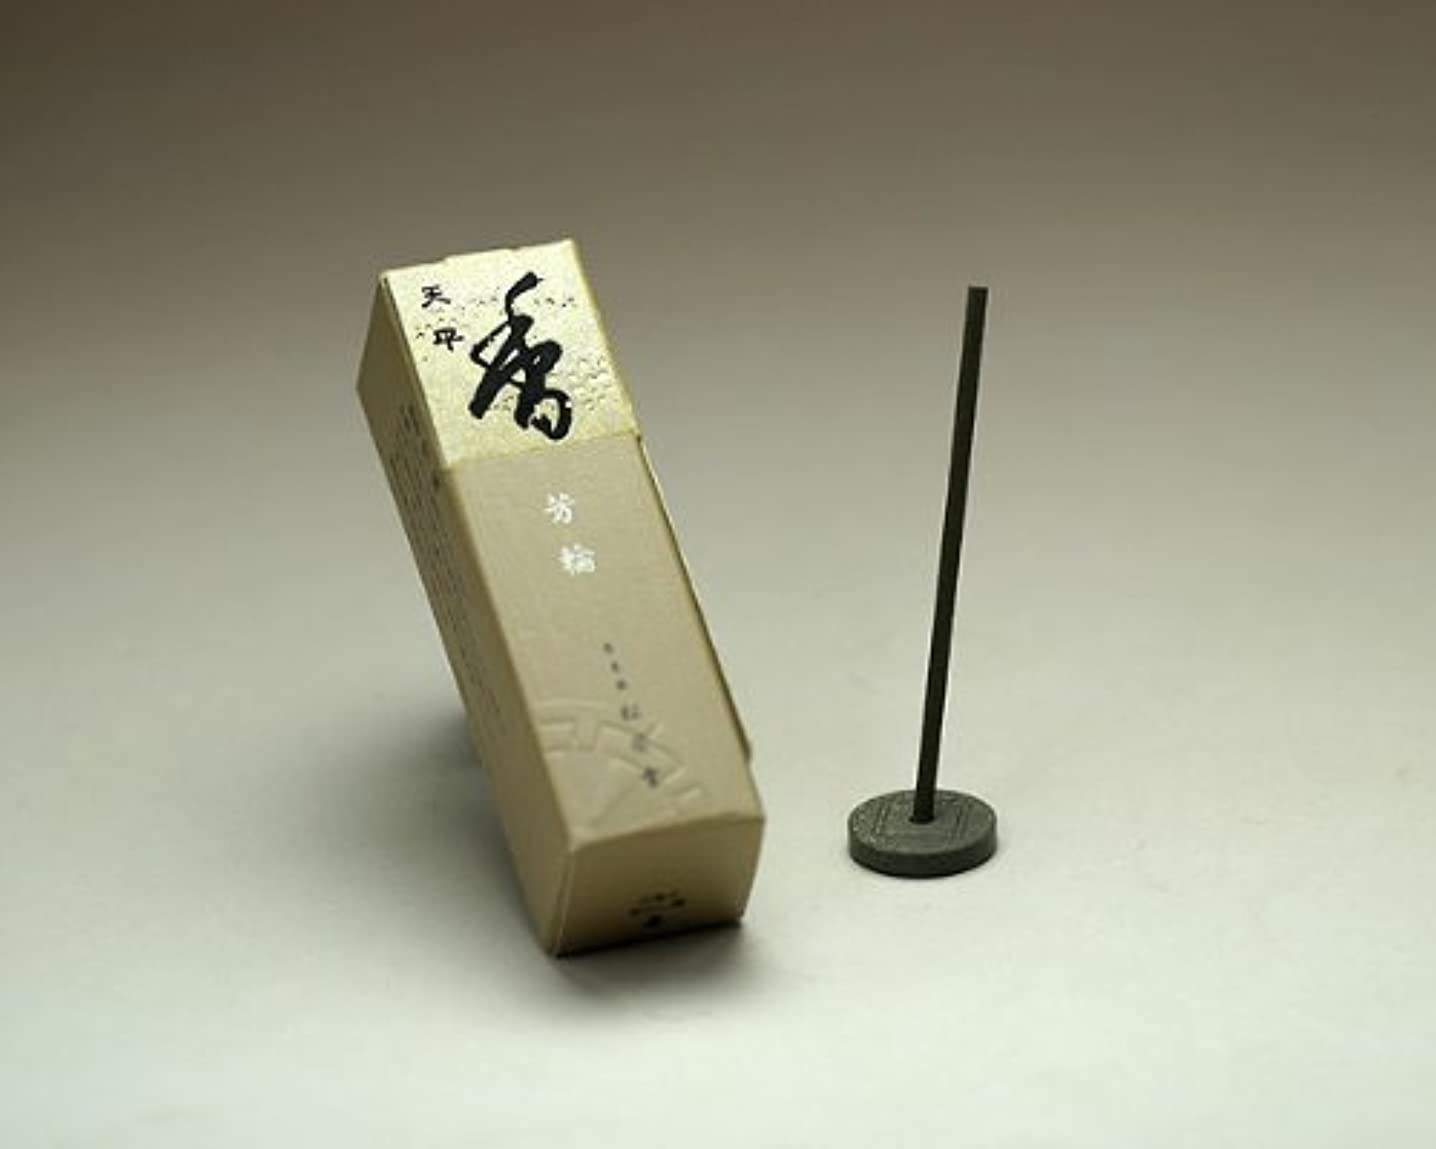 ペット願う麺銘香芳輪 松栄堂のお香 芳輪天平 ST20本入 簡易香立付 #210523